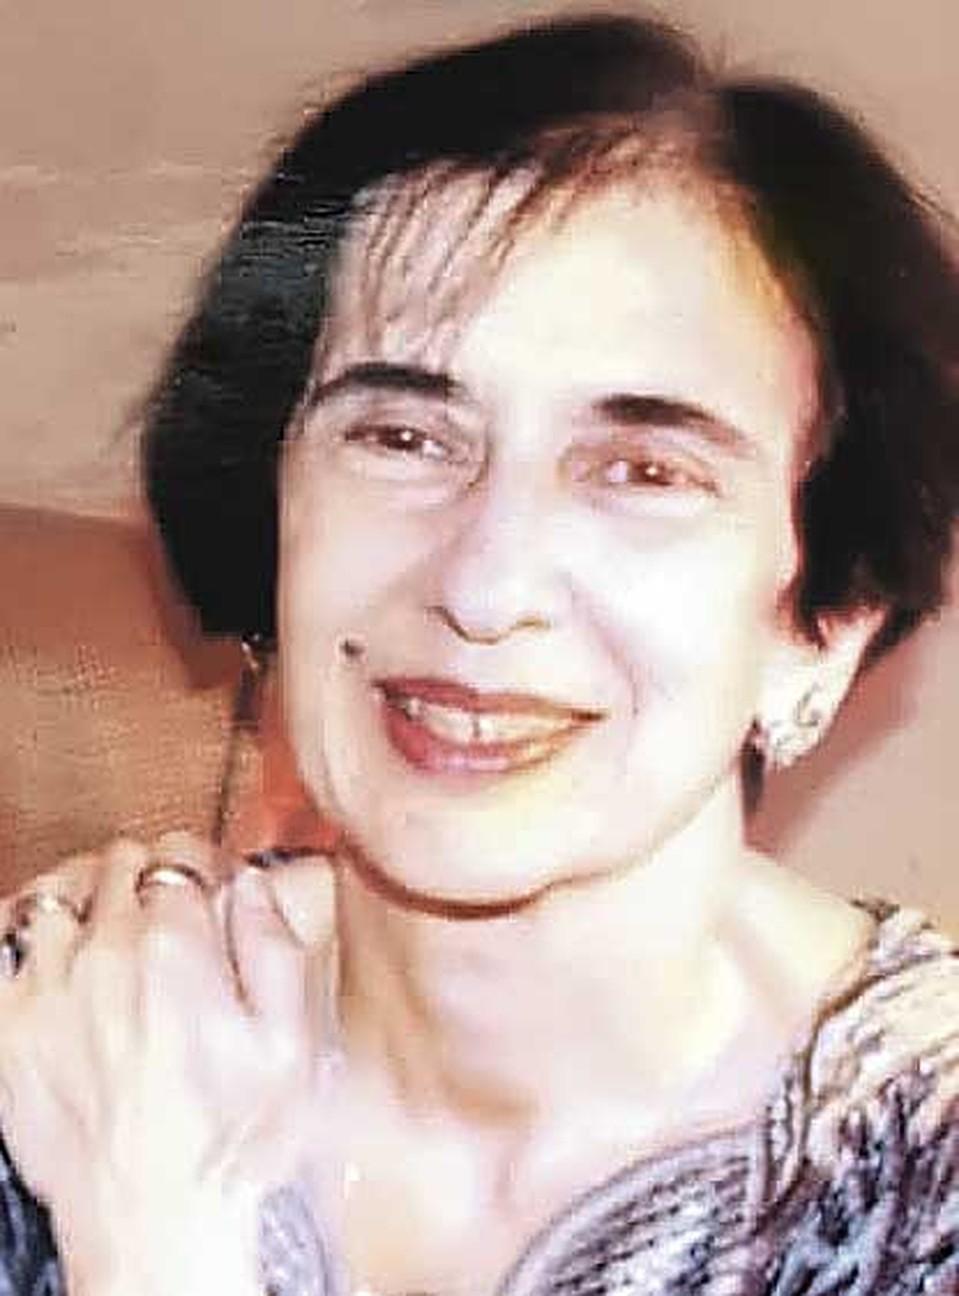 Галина Джугашвили, дочь Мельцер и Джугашвили (1938 - 2007). Фото: Личный архив.